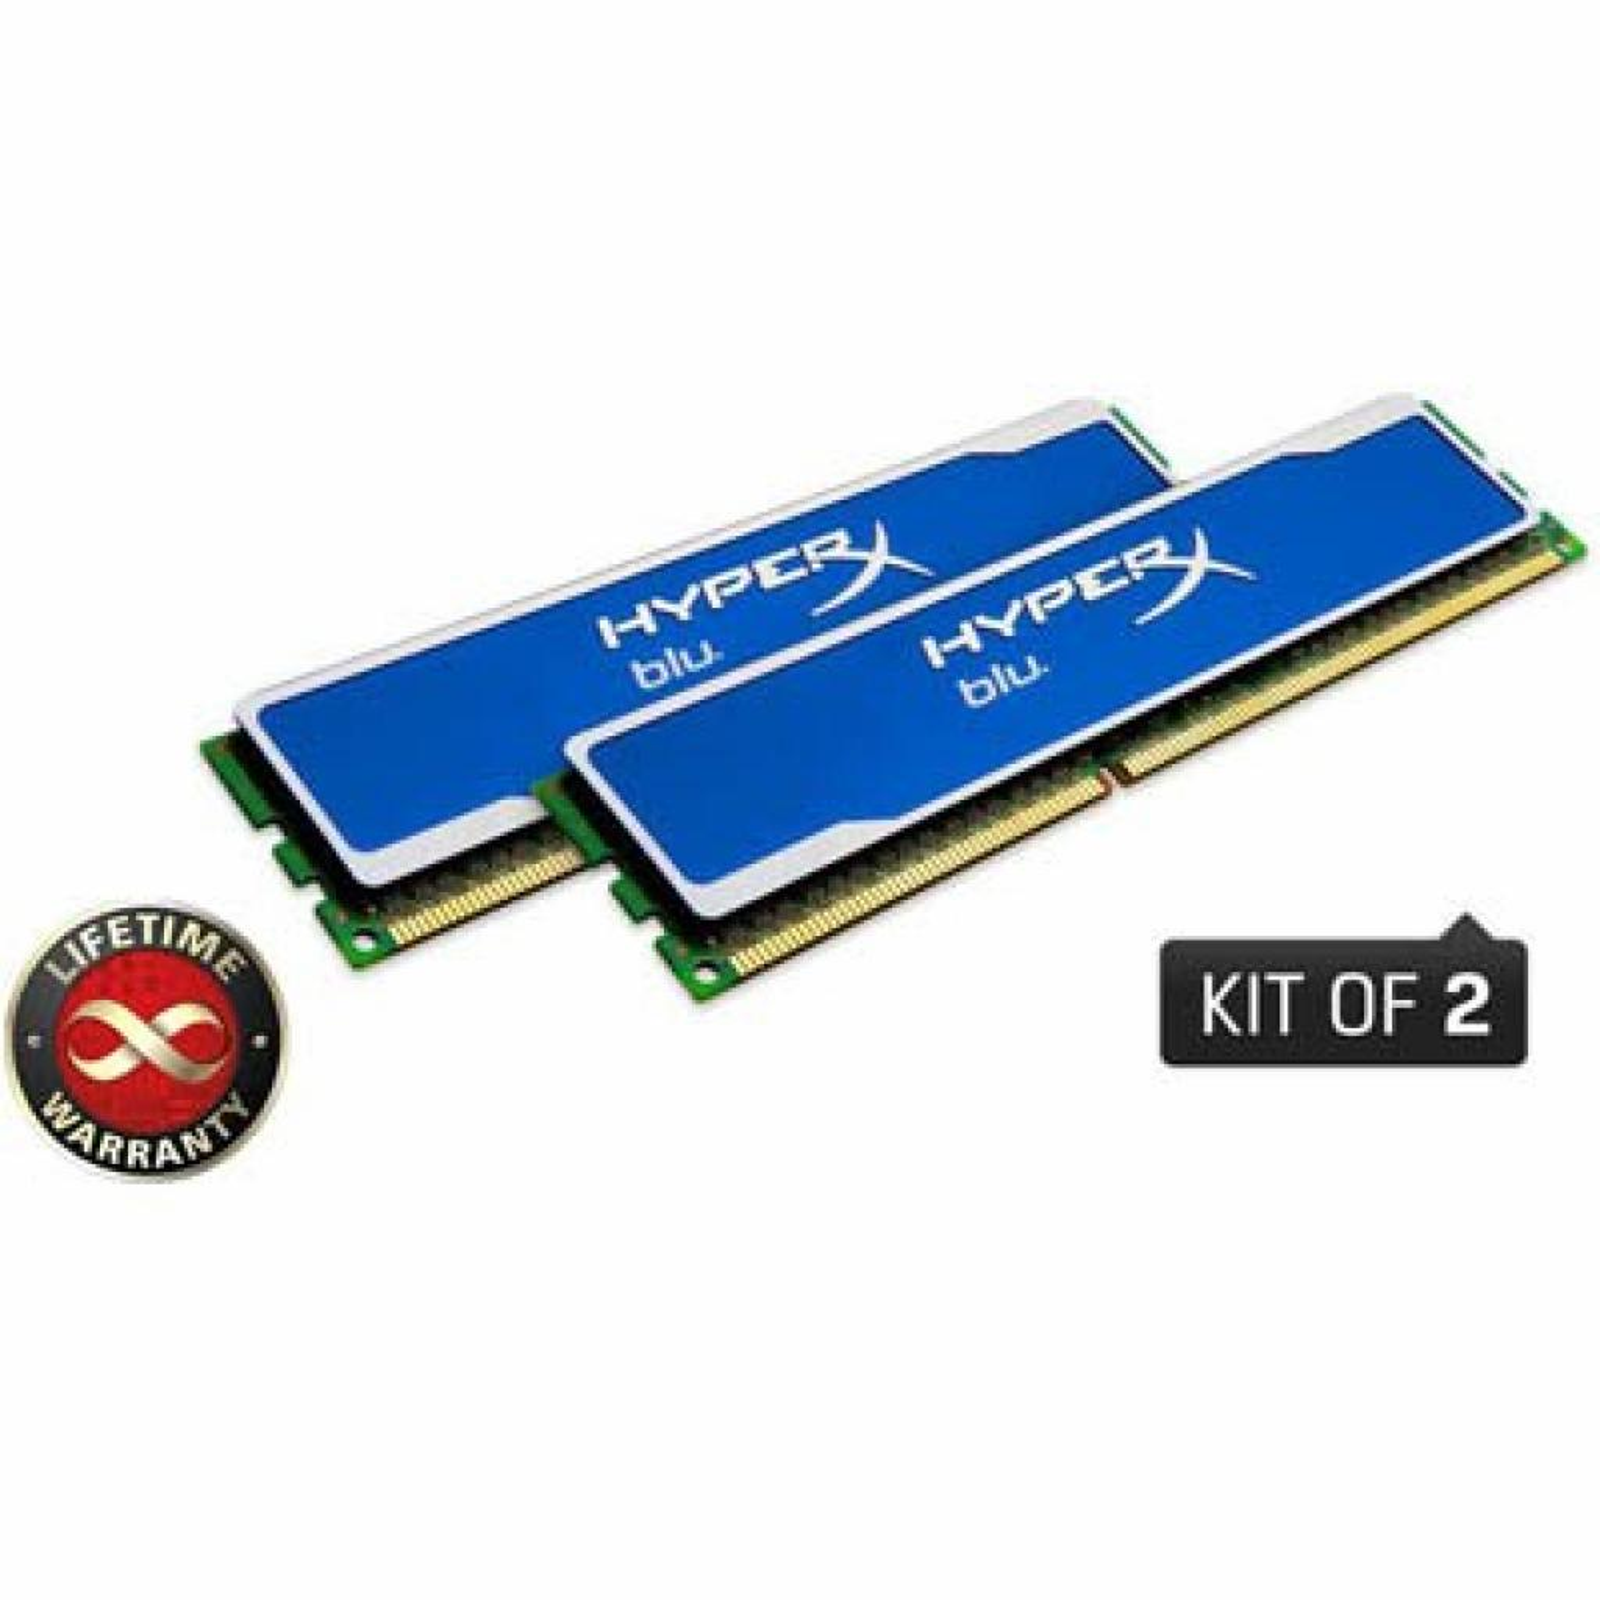 Модуль памяти для компьютера DDR3 16GB (2x8GB) 1600 MHz Kingston (KHX1600C10D3B1K2/16G)